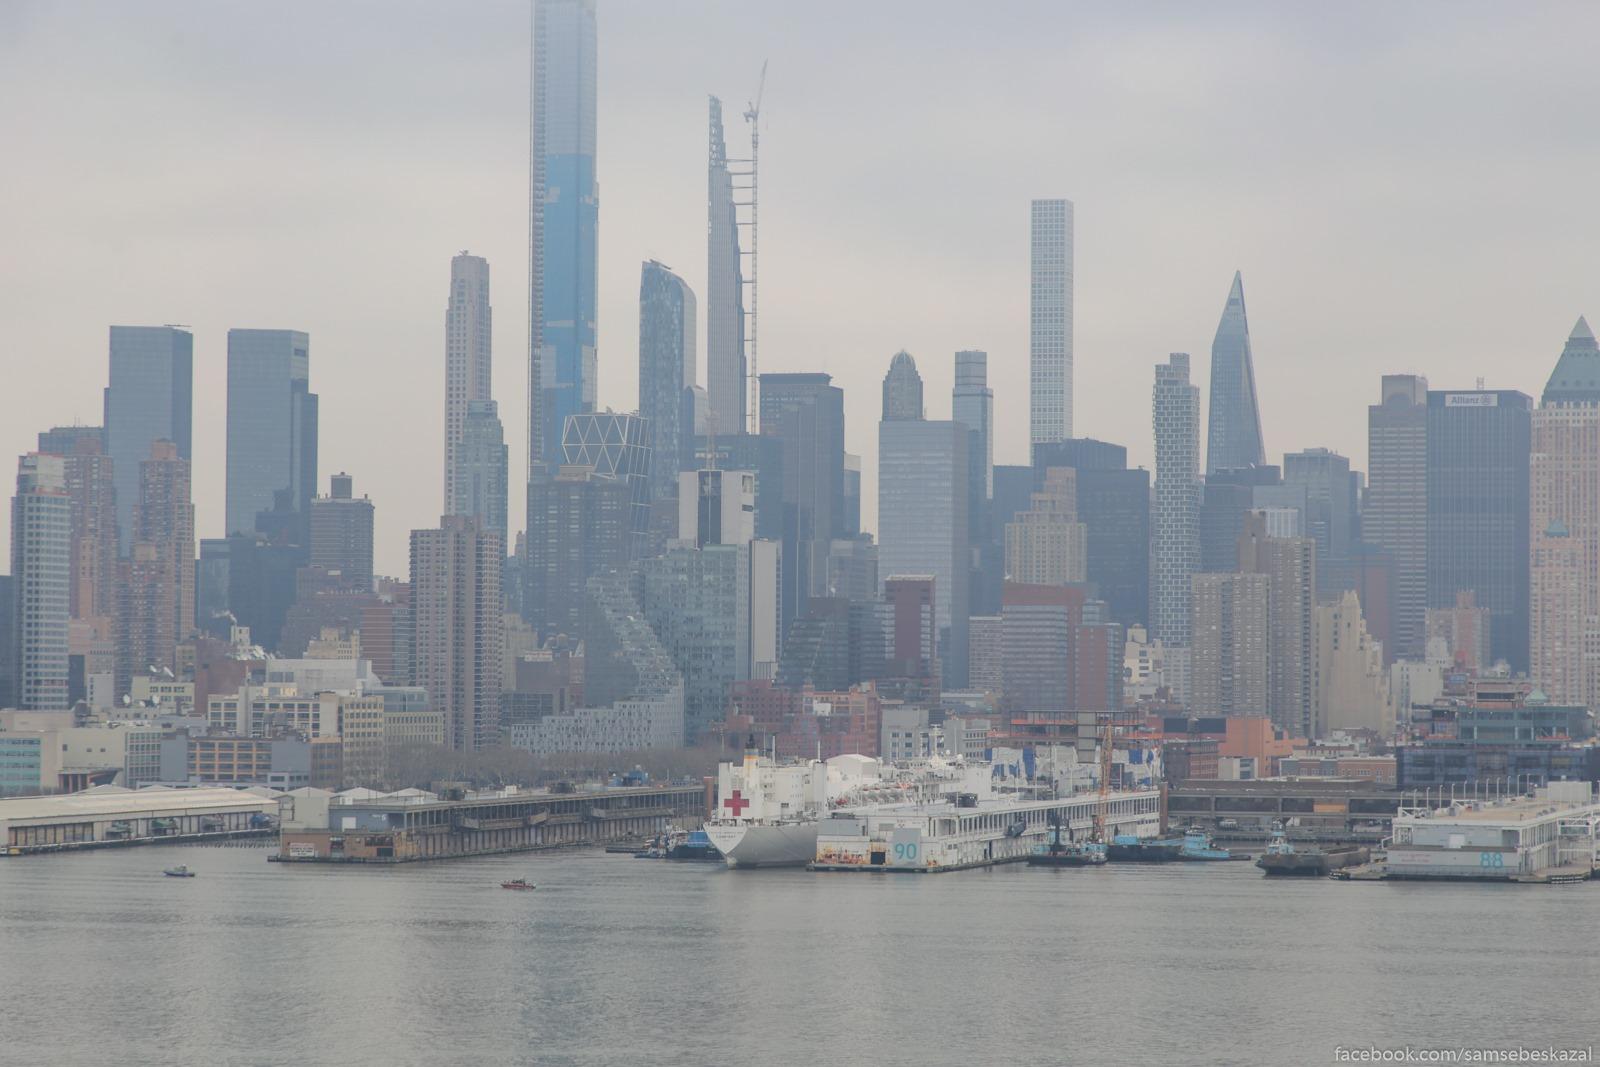 Нью-Йорк/Нью-Джерси, 30 марта USNS